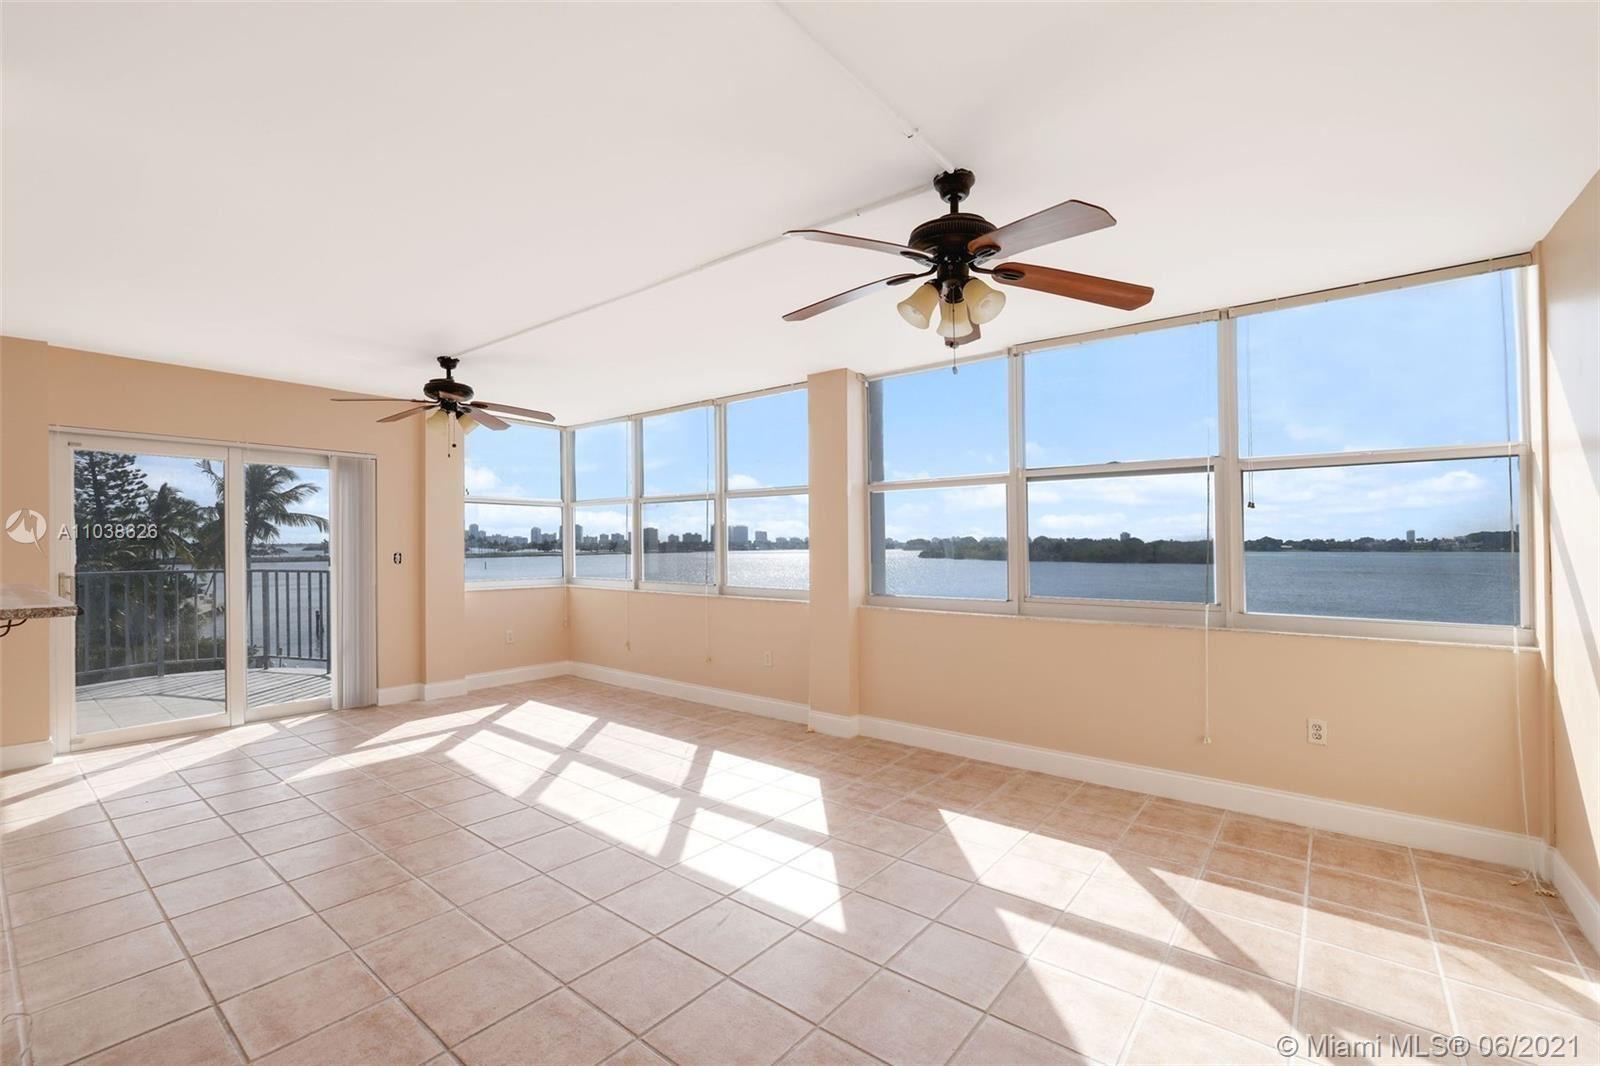 11930 N Bayshore Dr #303, North Miami, FL 33181 - #: A11038626